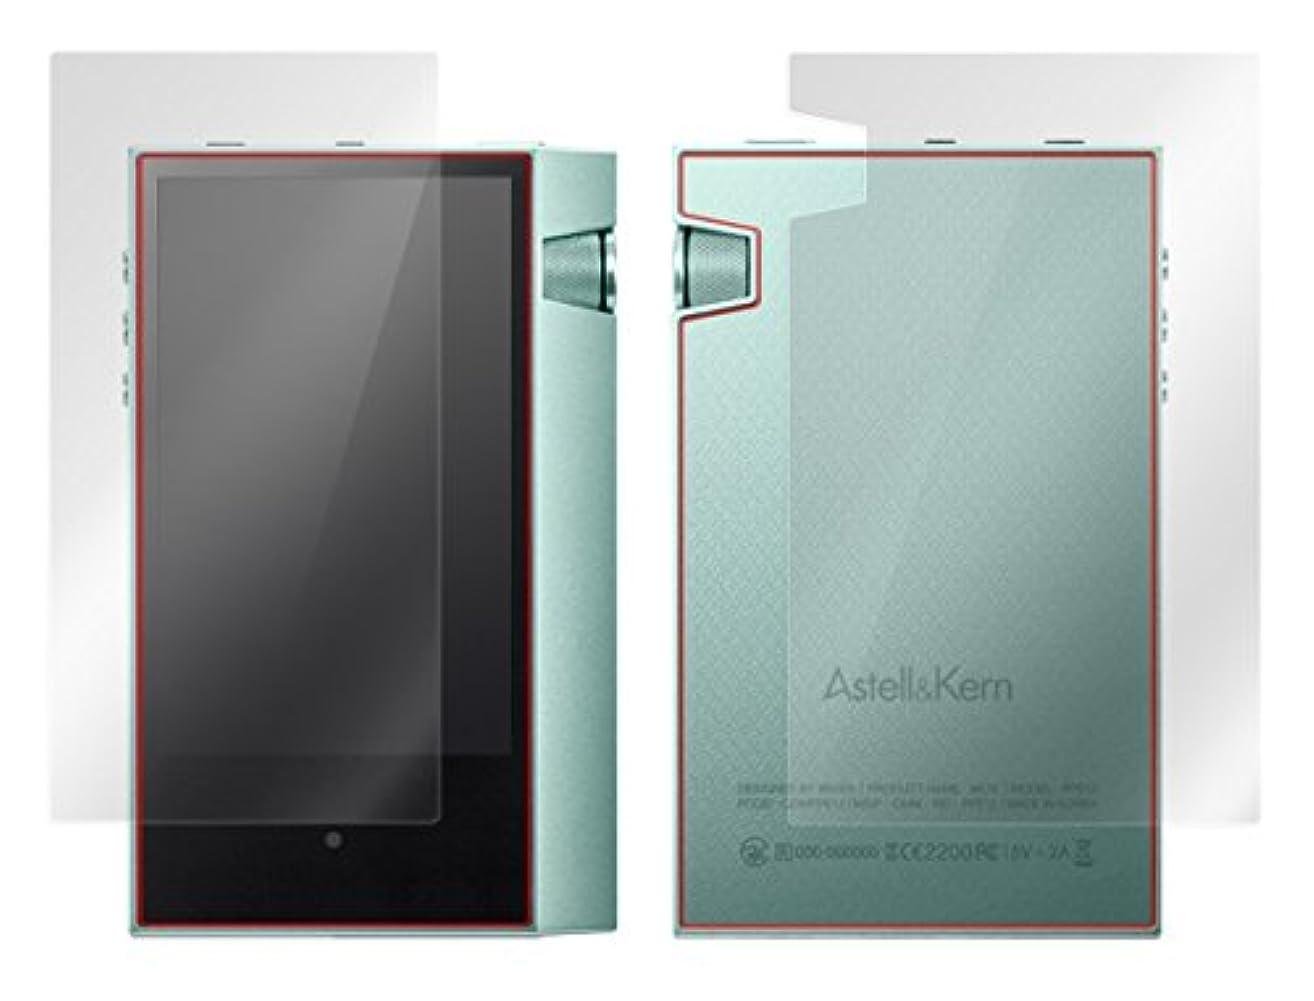 実行魔術社説指紋が目立たない 光沢液晶保護フィルム Astell & Kern AK70 『表?裏両面セット』 用 OverLay Brilliant OBAK70/S/12